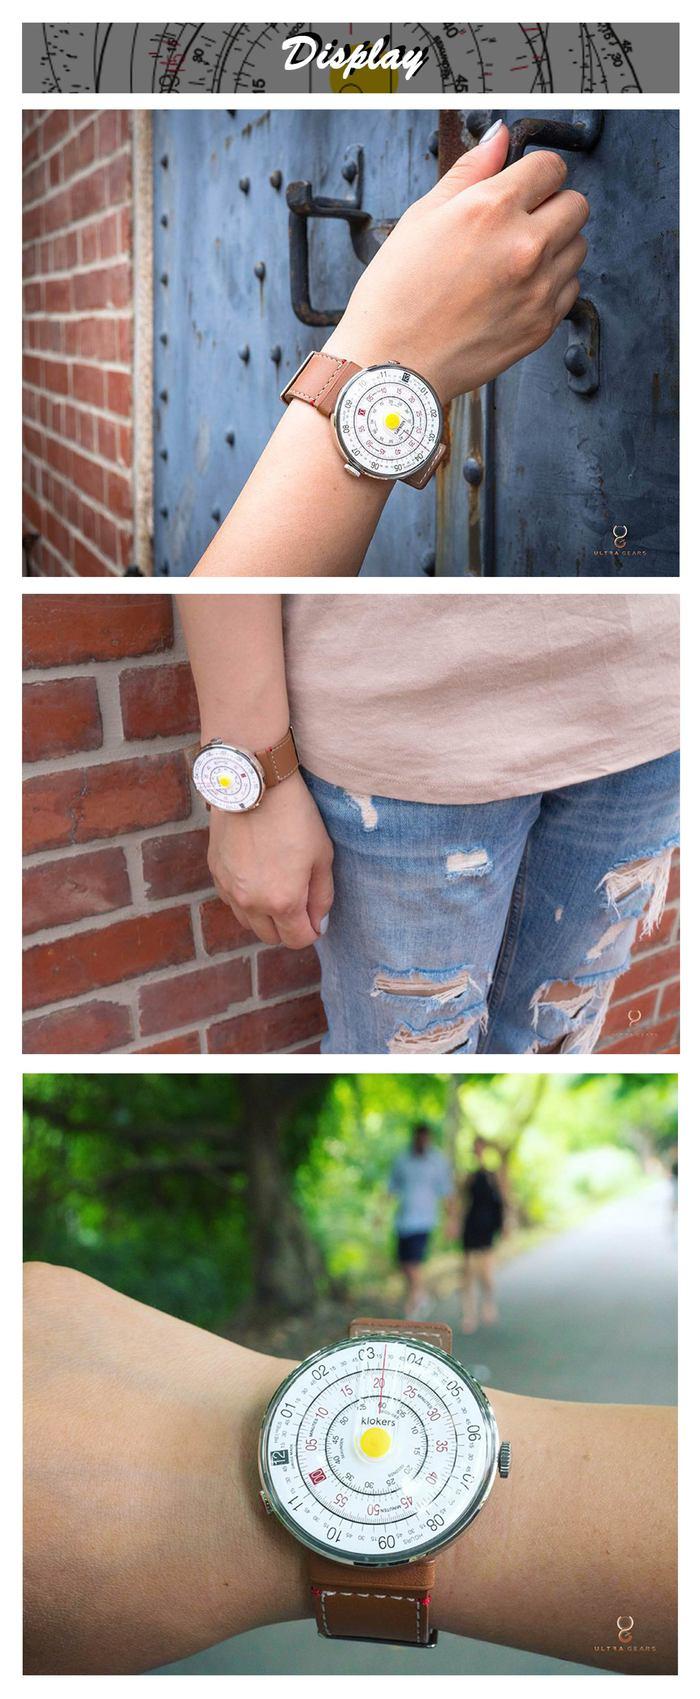 klokers【庫克錶】KLOK-01-D1 黃色錶頭+單圈寬版皮革錶帶